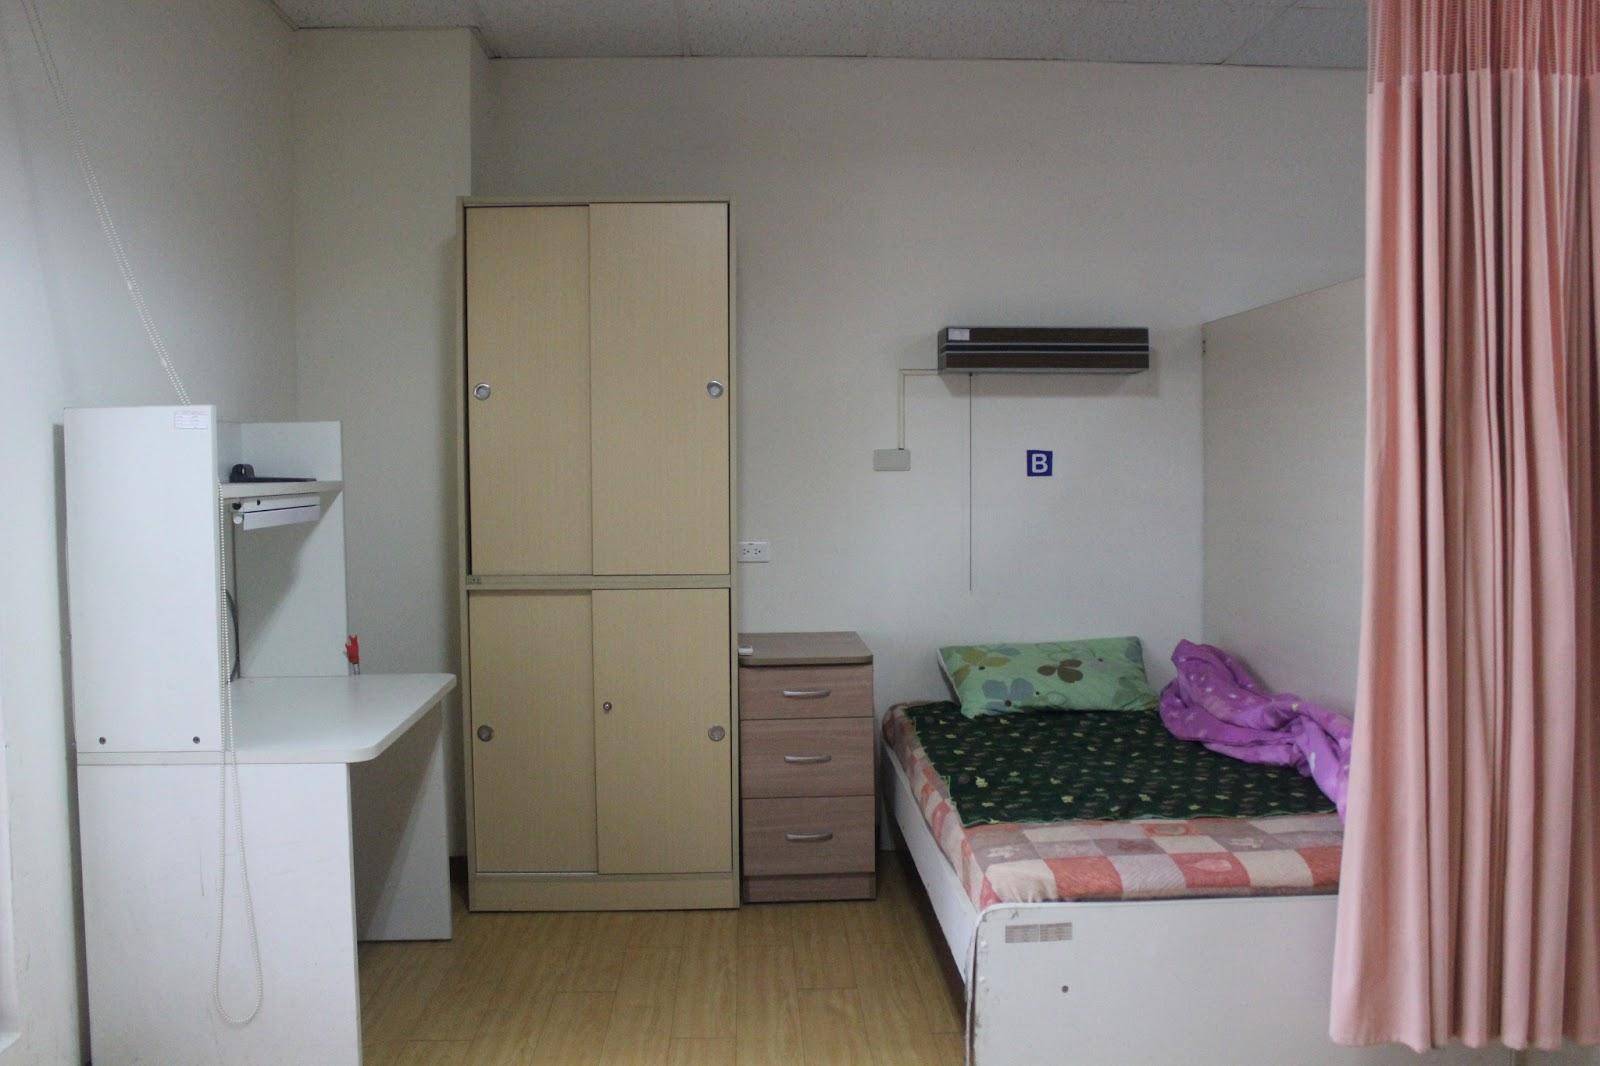 慈濟醫院宿舍照片|照片 - 綠蟲網 - BidWiperShare.com